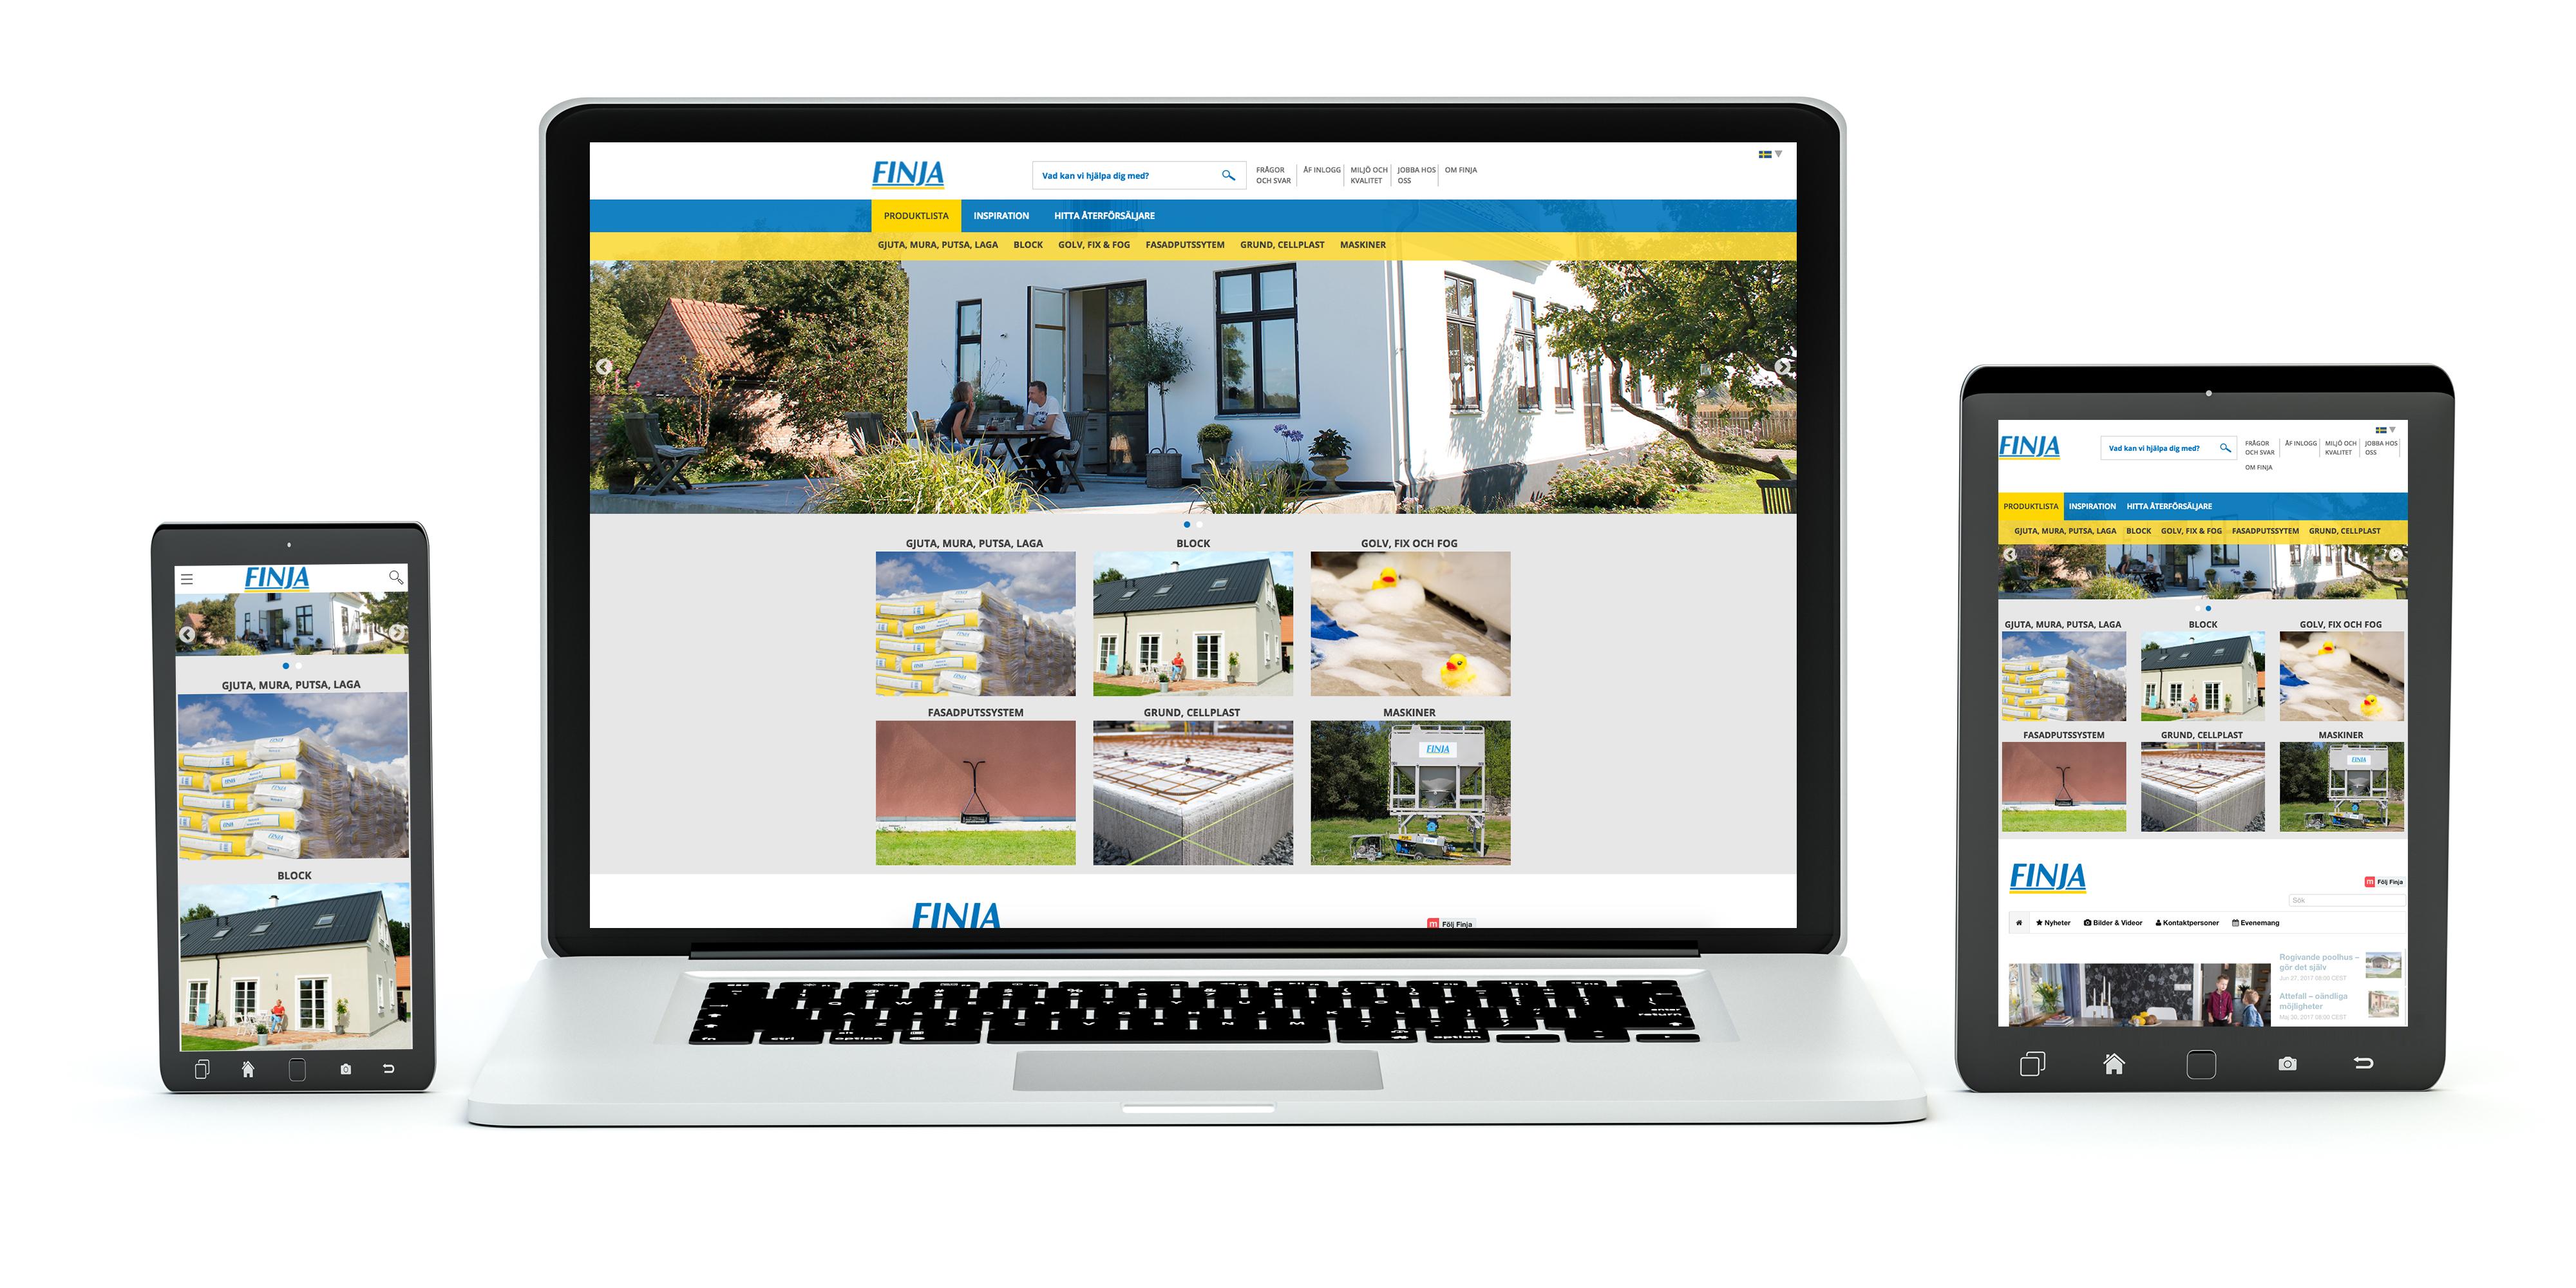 Finja Betongs webbplats